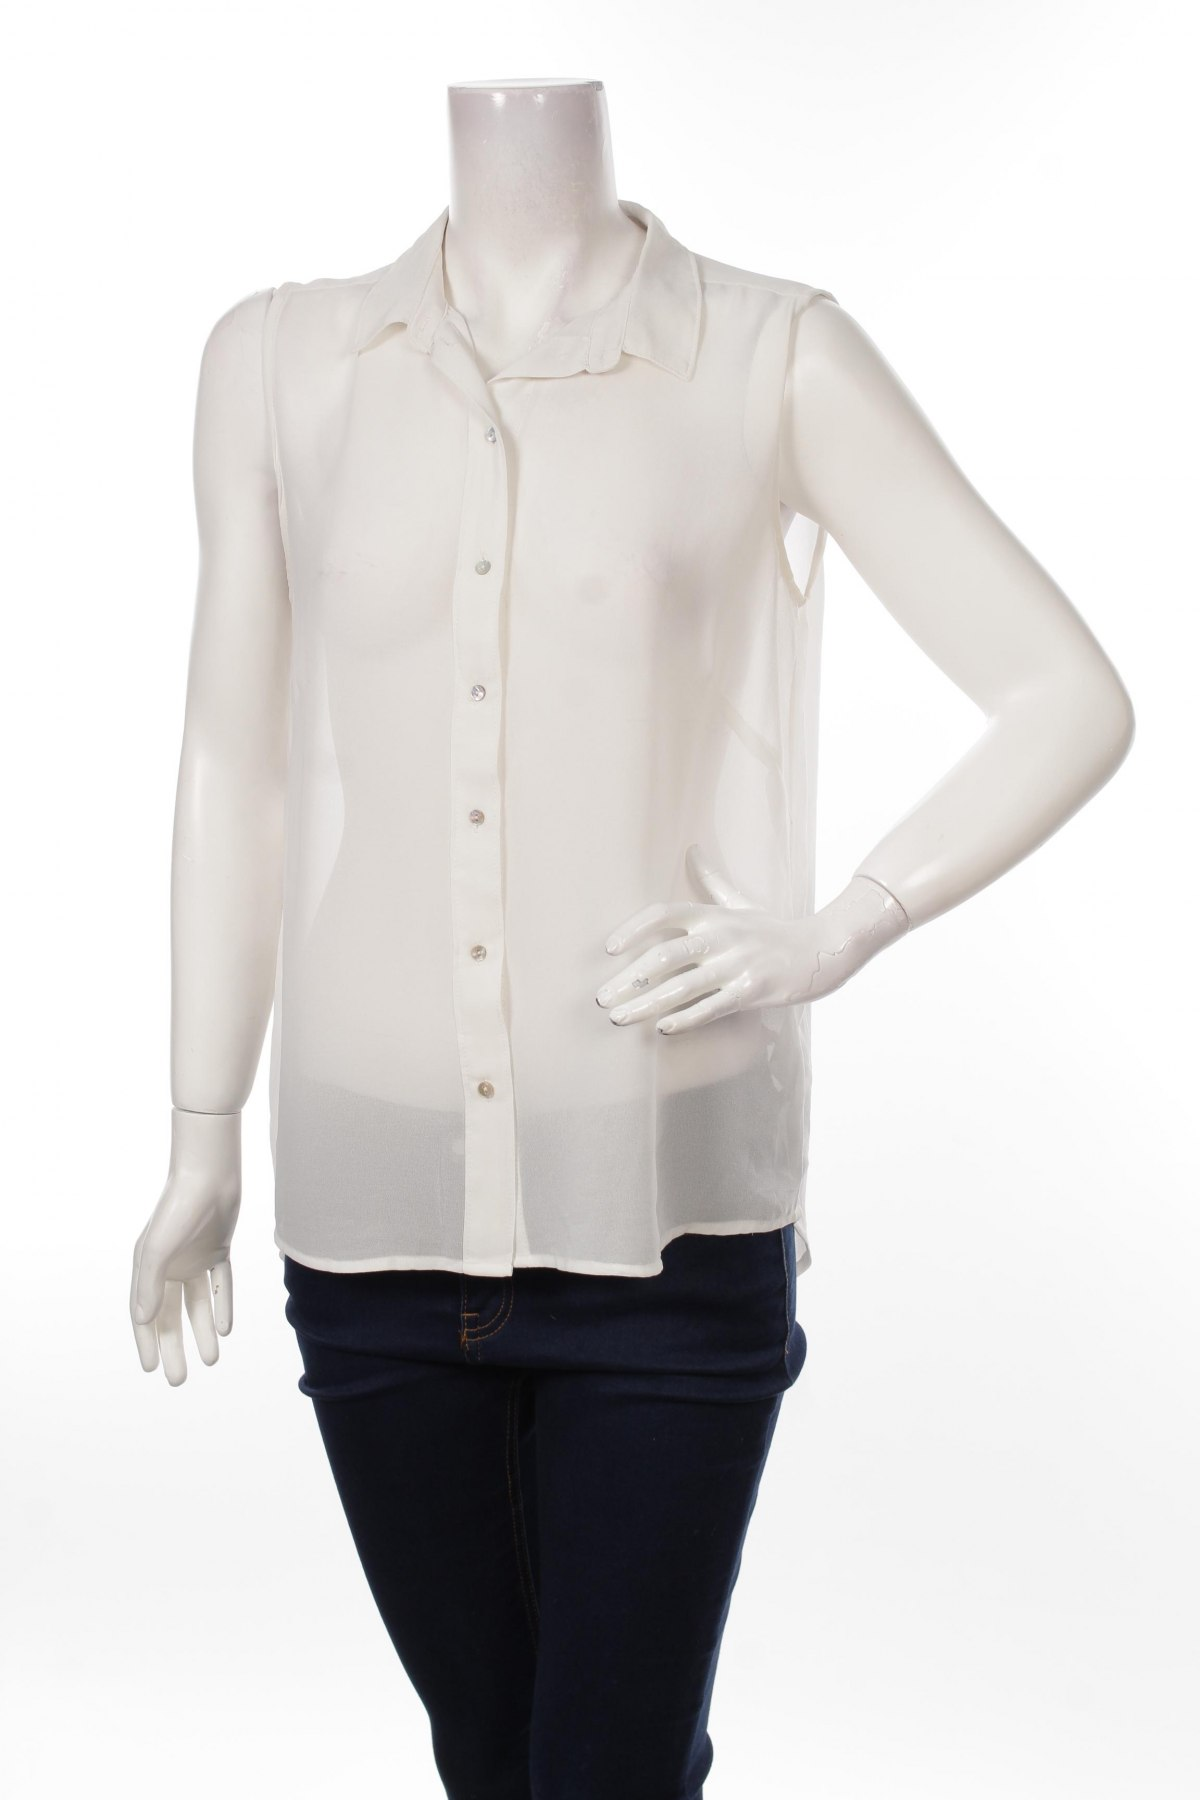 Γυναικείο πουκάμισο H&M, Μέγεθος M, Χρώμα Λευκό, Πολυεστέρας, Τιμή 12,99€